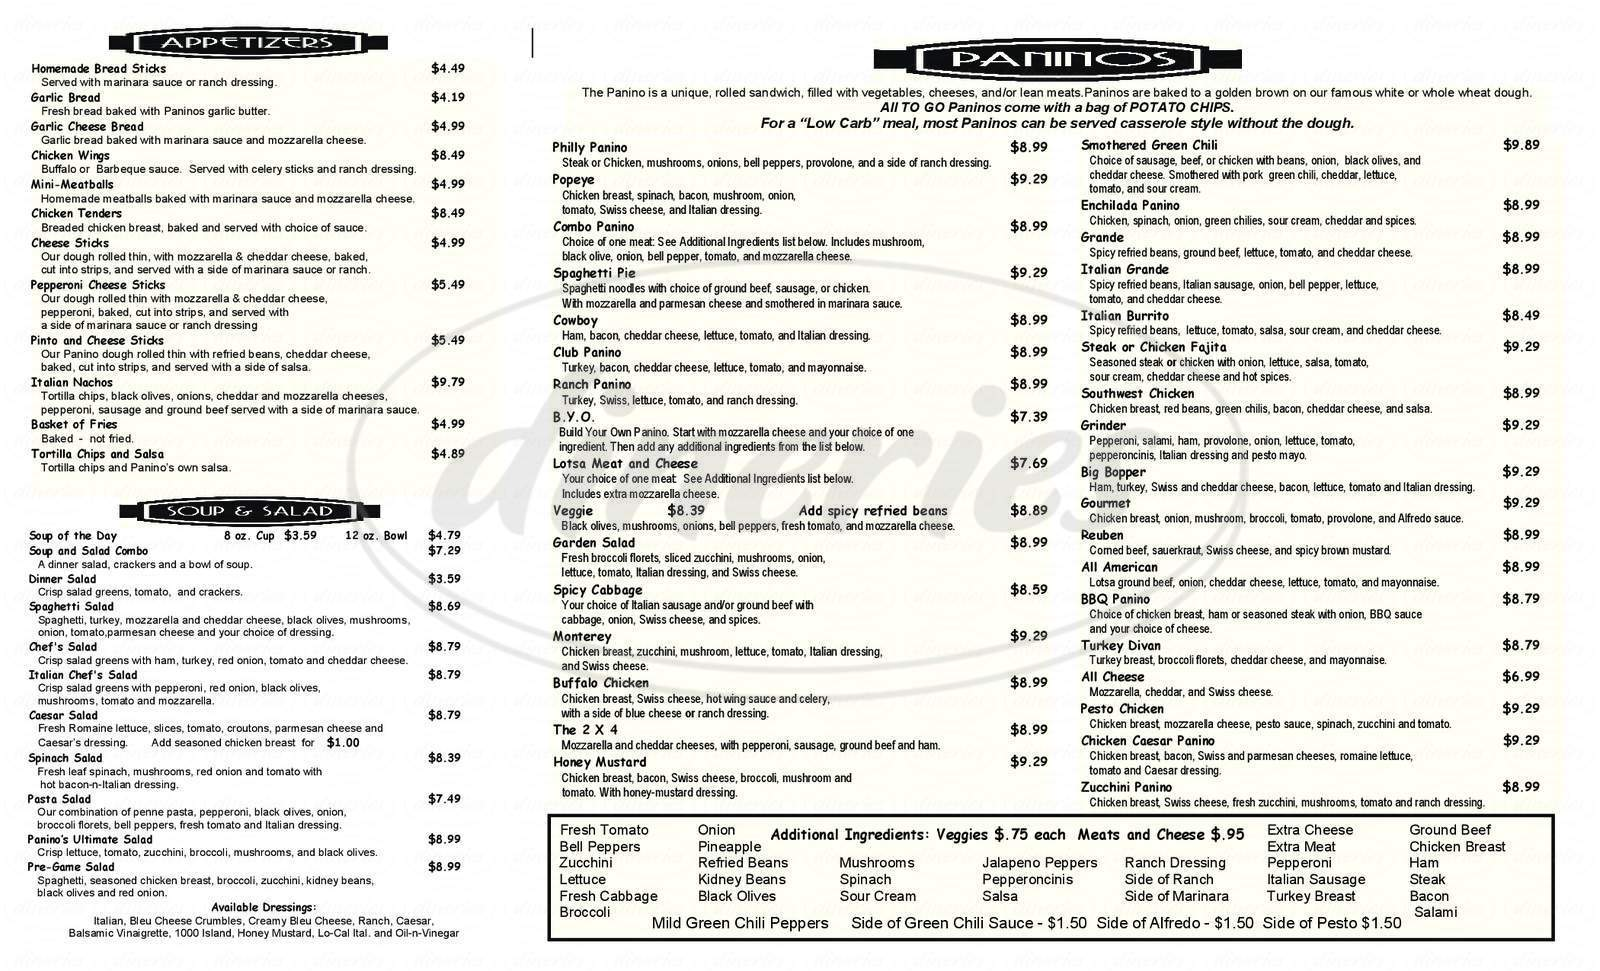 menu for Panino's